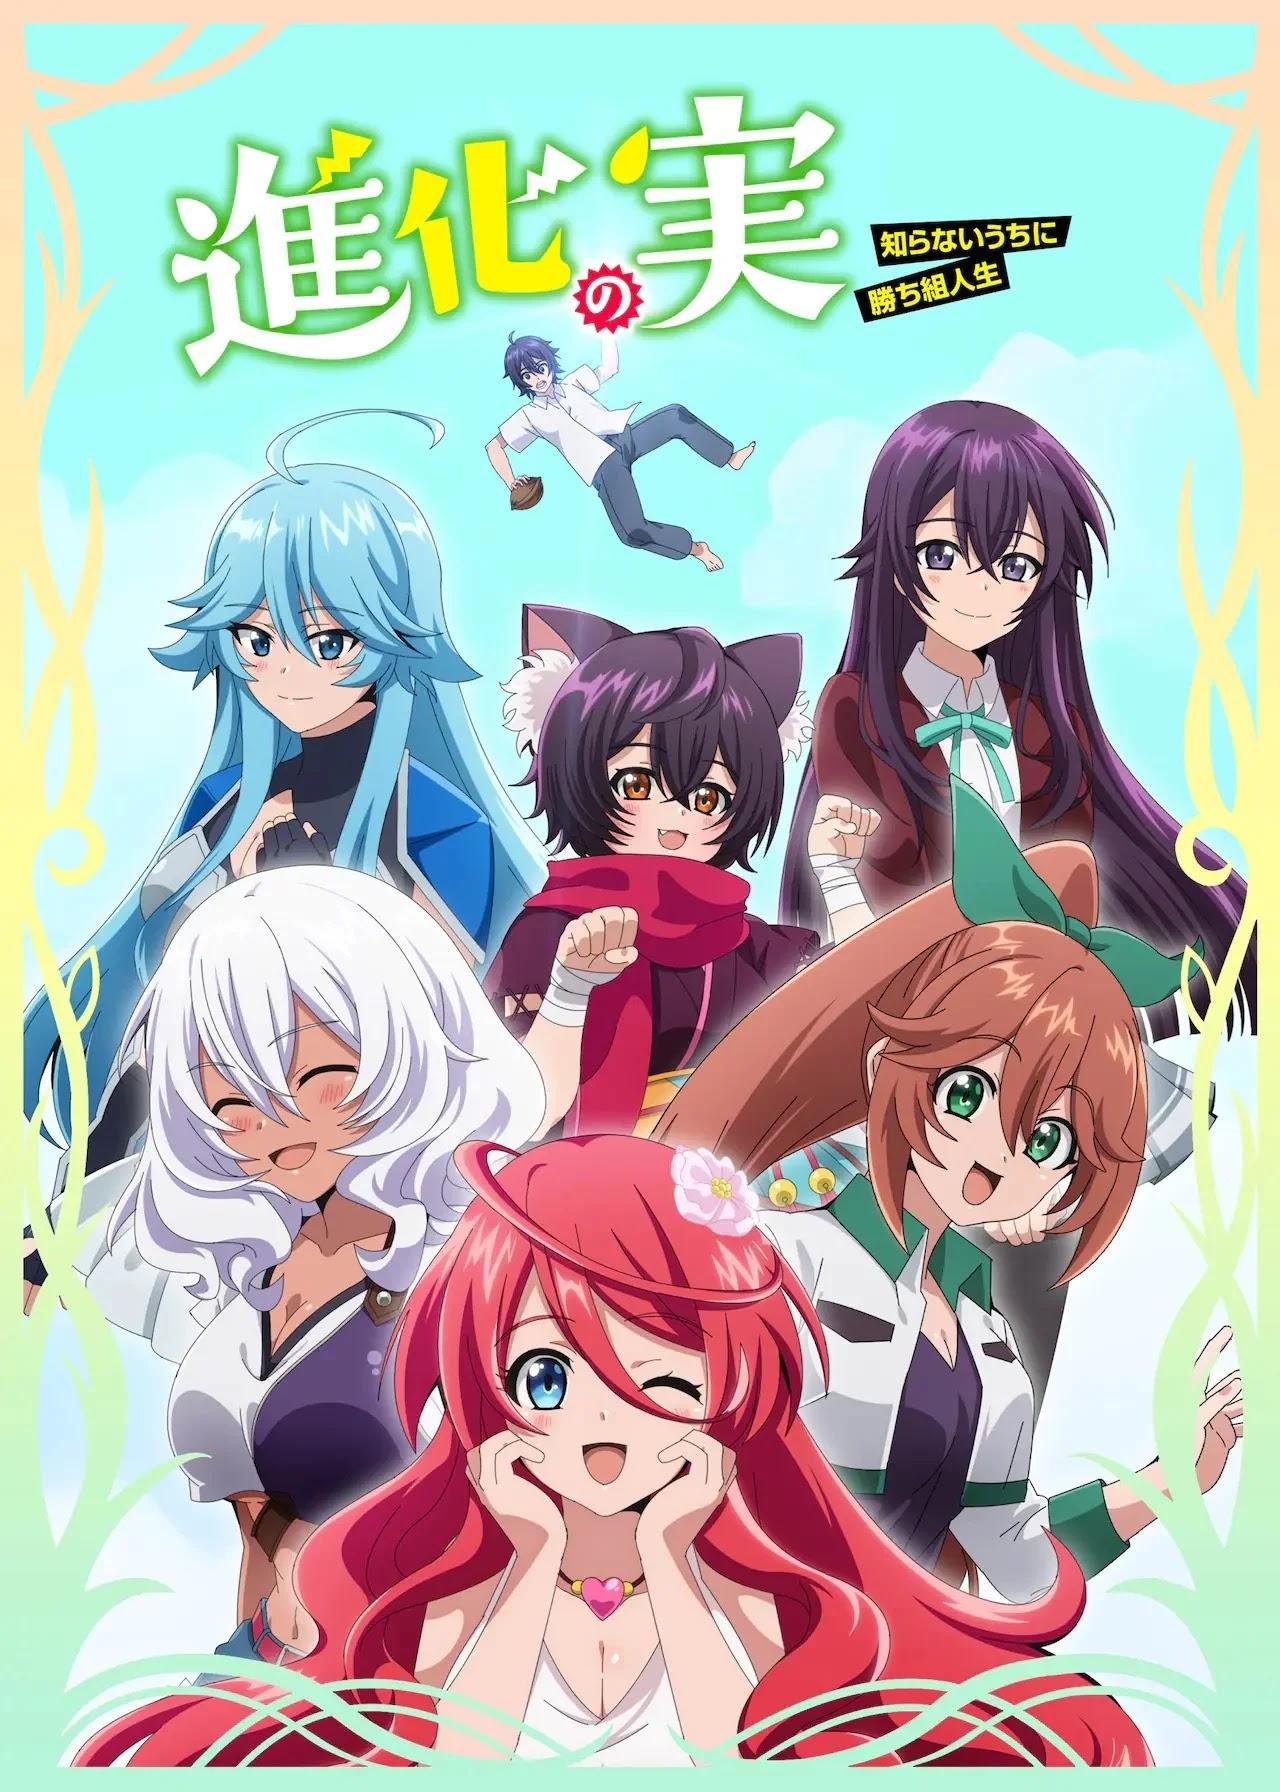 O Anime Shinka no Mi: Shiranai Uchi ni Kachigumi Jinsei terá 12 episódios